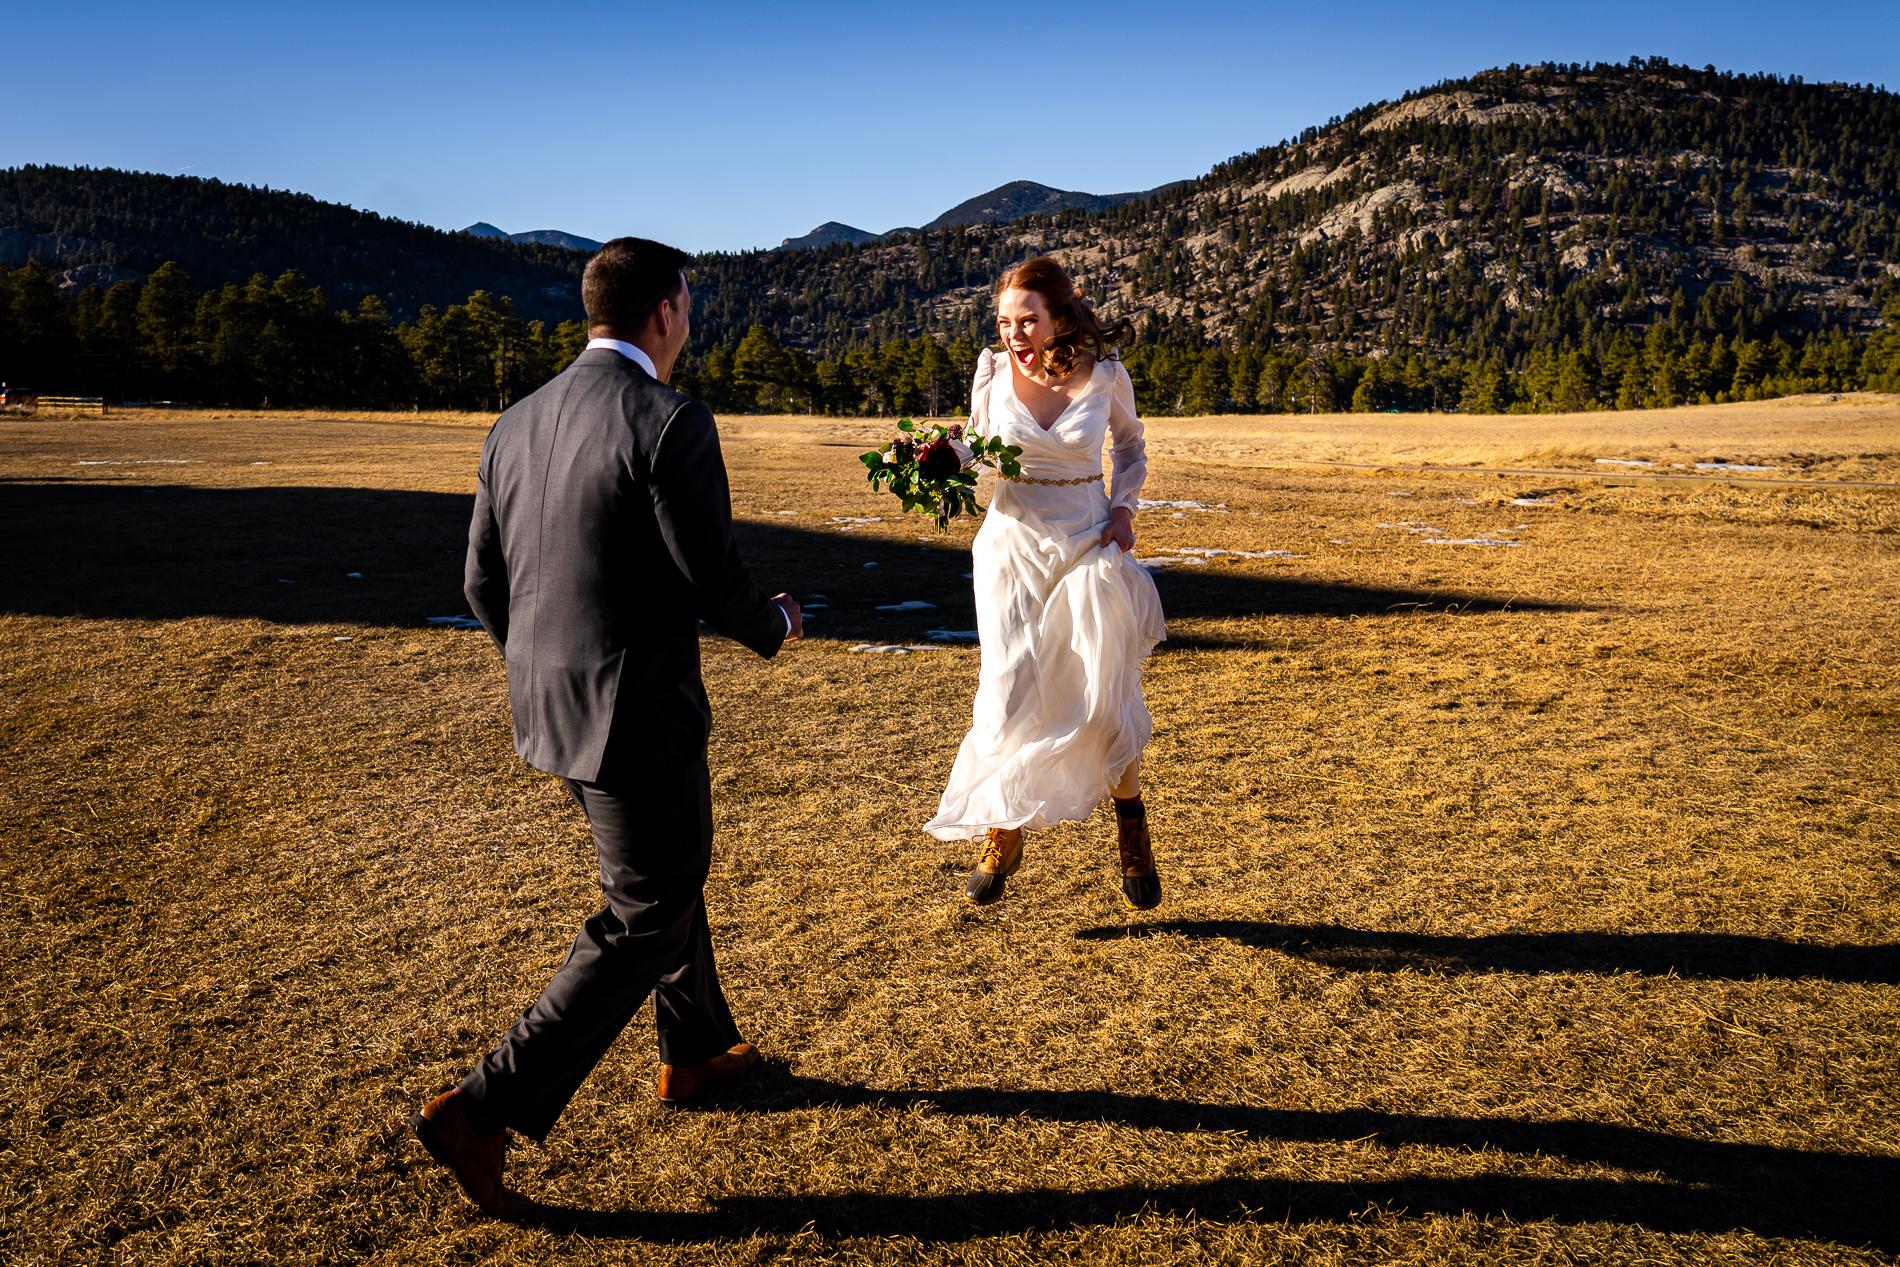 Evergreen, Colorado Elopement Photos | La mariée saute en l'air avec excitation alors qu'elle s'apprête à s'enfuir avec son fiancé